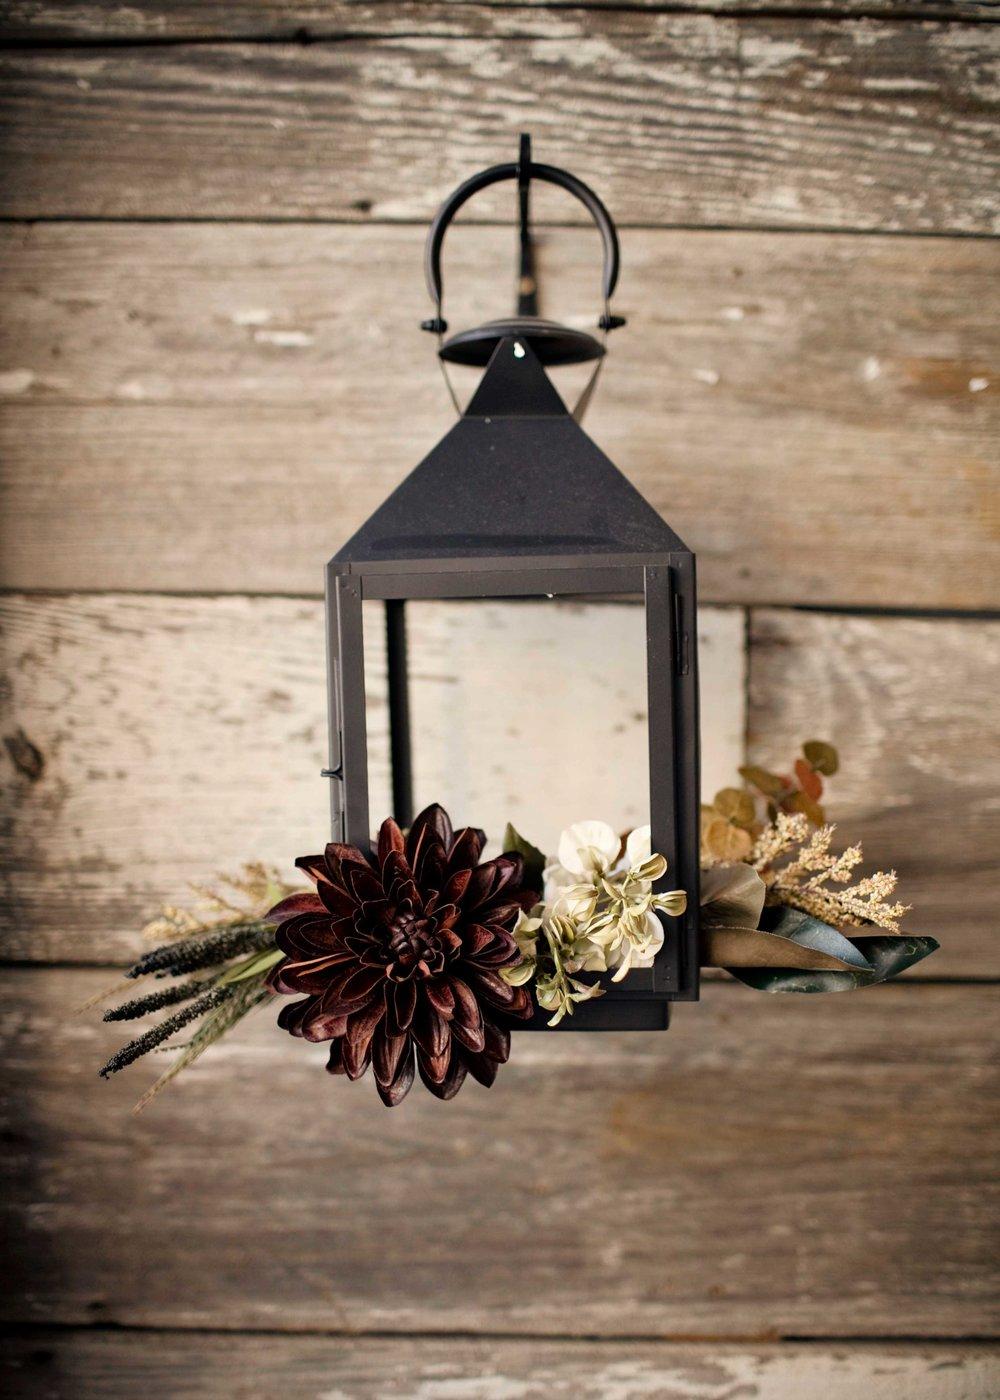 Autumn lantern flowers